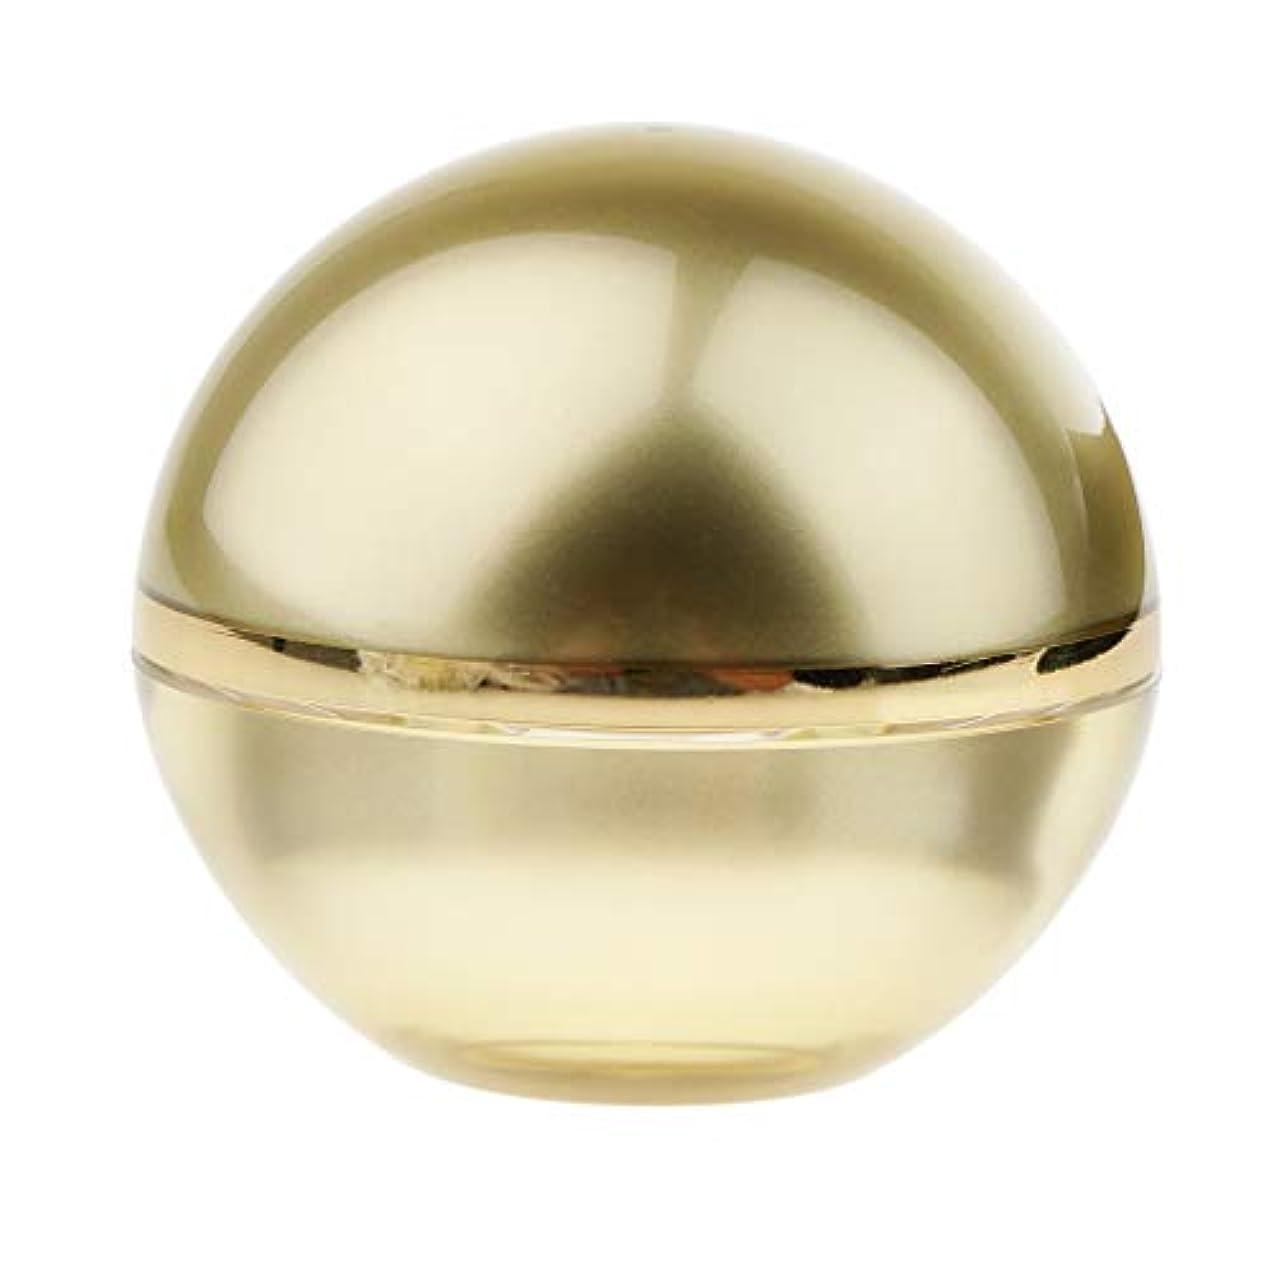 宇宙飛行士選択潜むPerfeclan 化粧品容器 ボール型 化粧品 容器 メーキャップ クリームジャー ゴールド 3サイズ選べ - 15g